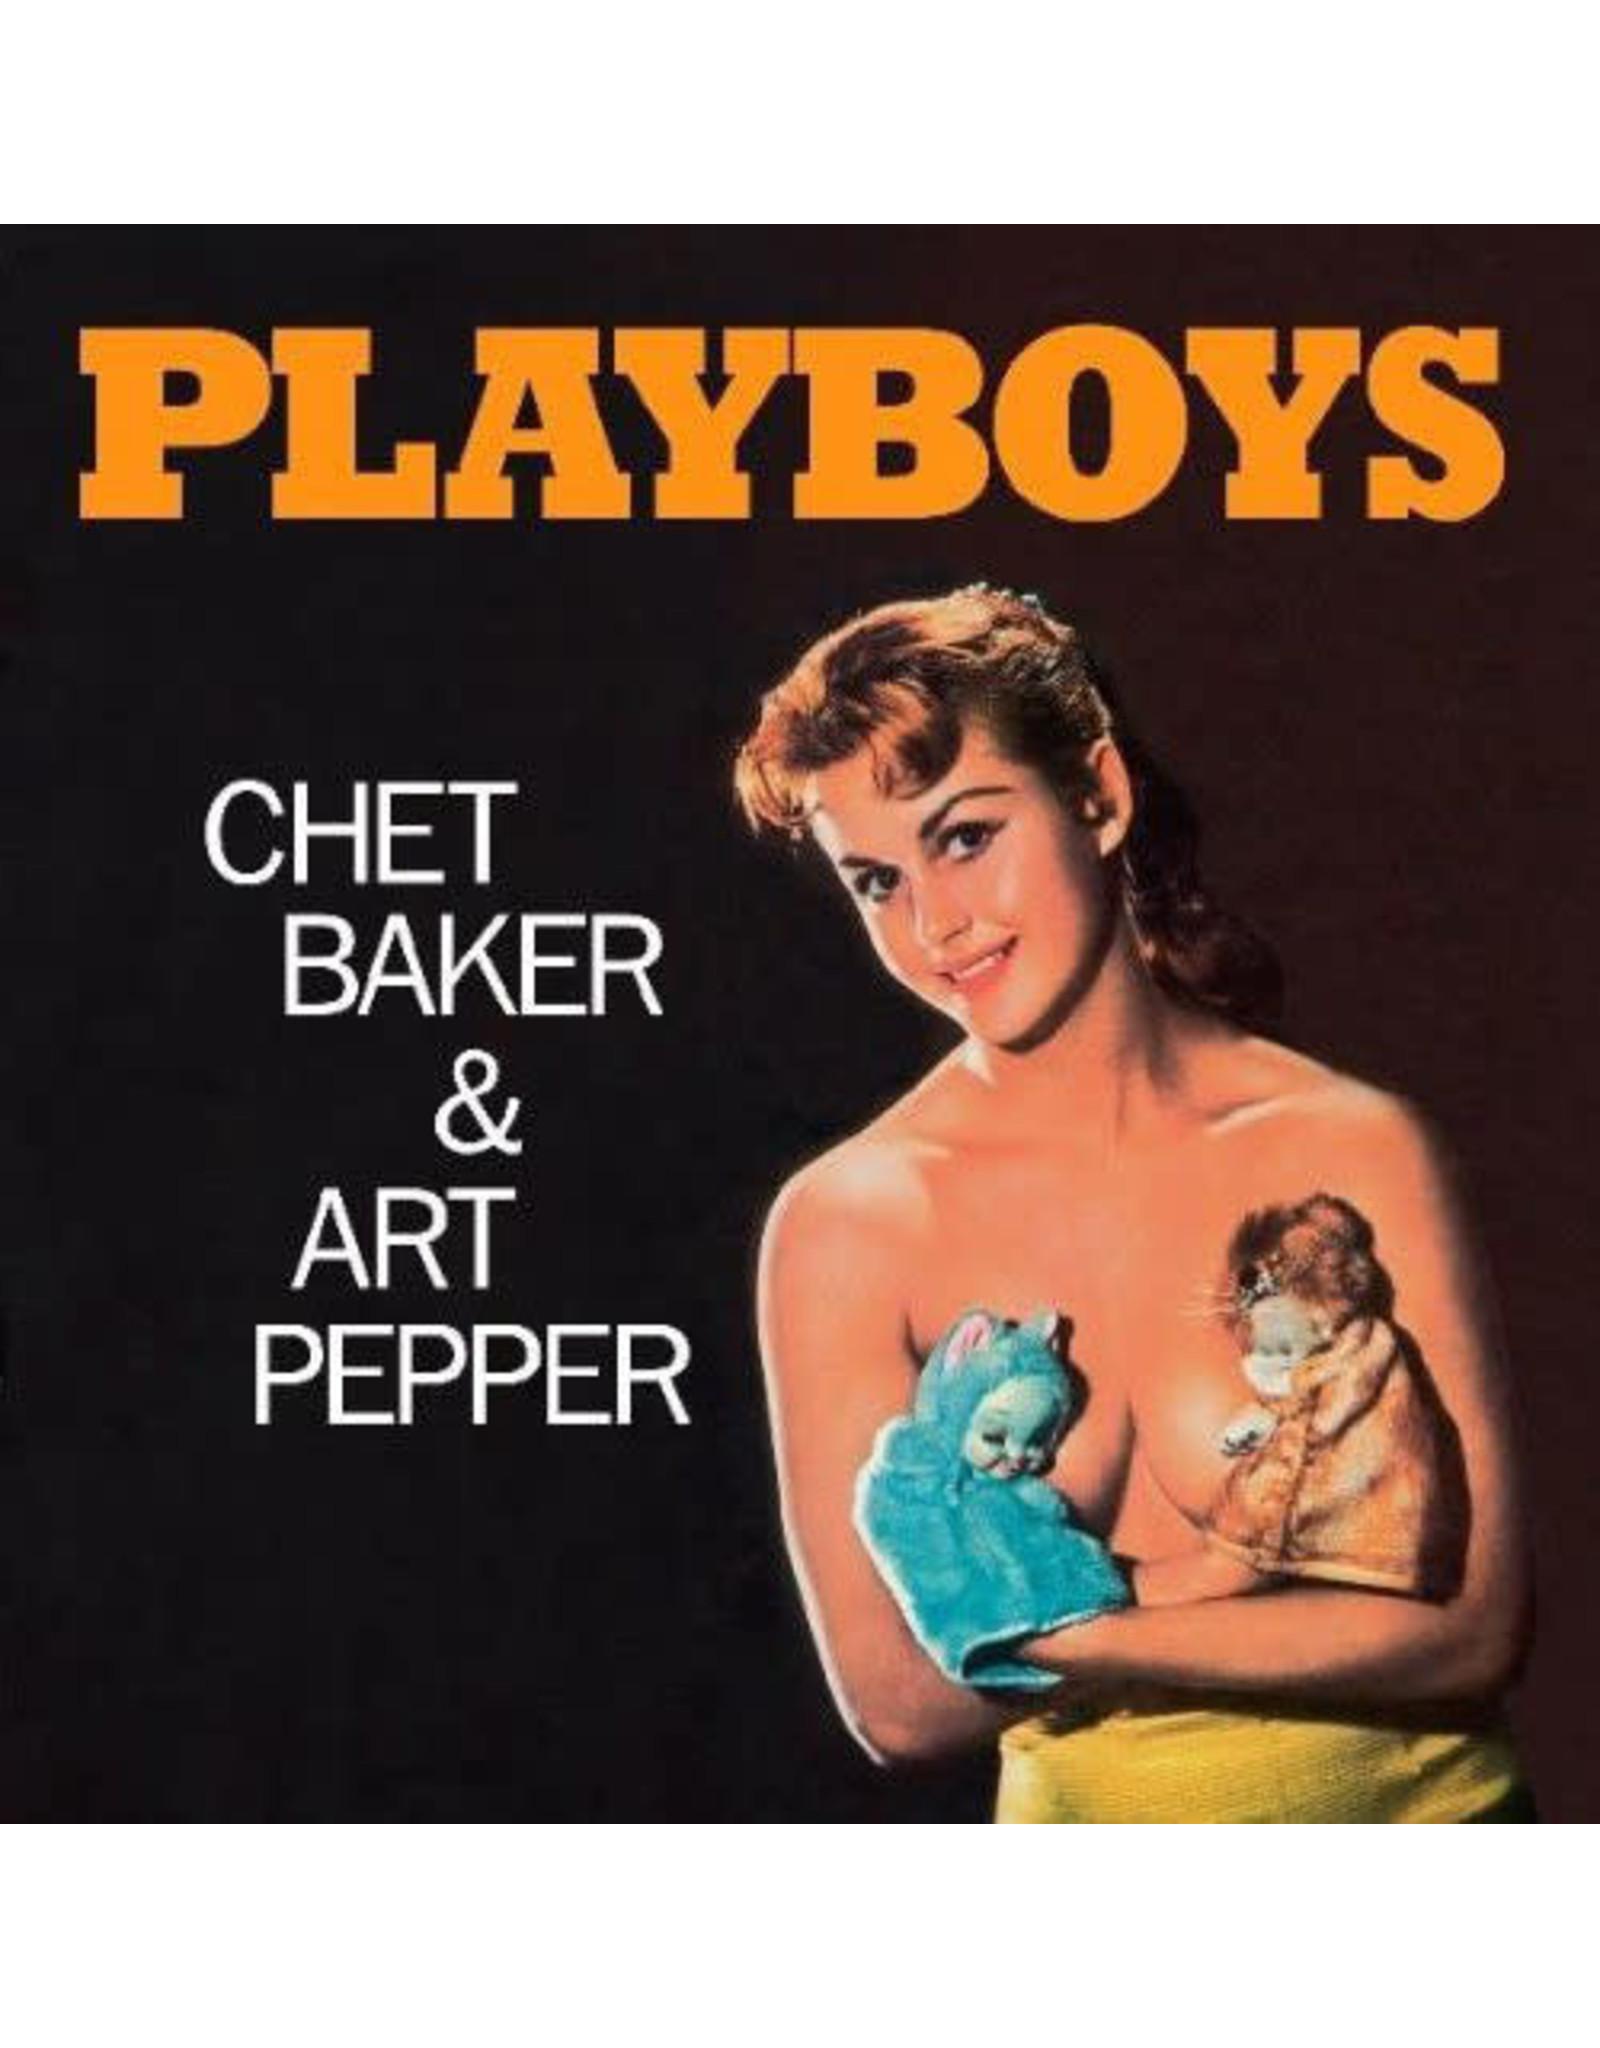 New Vinyl Chet Baker & Art Pepper - Playboys LP